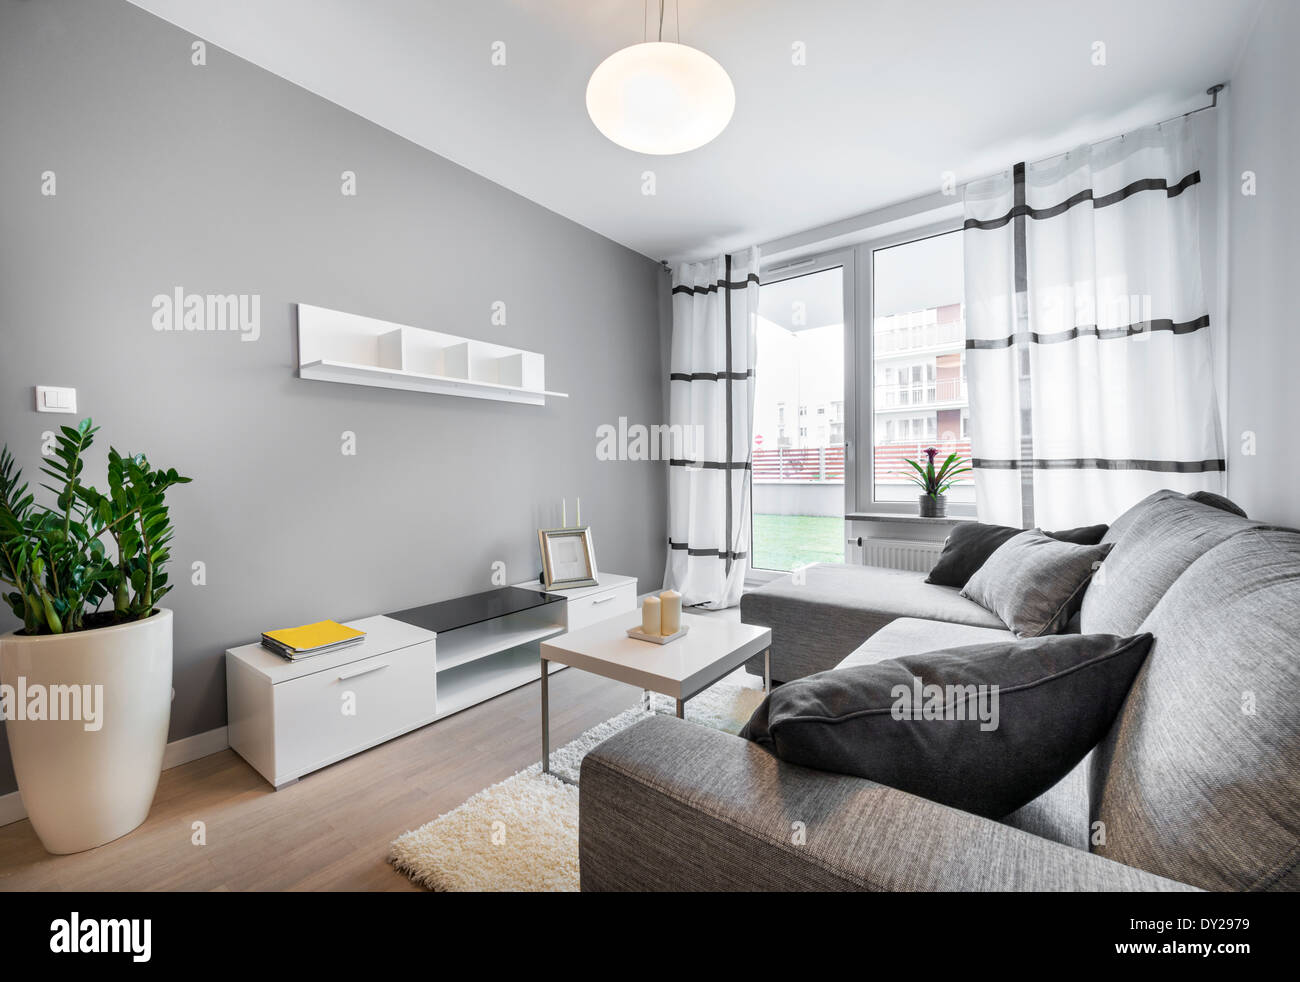 Pareti Grigie Salotto : Interior design moderno salotto con pareti grigie foto immagine